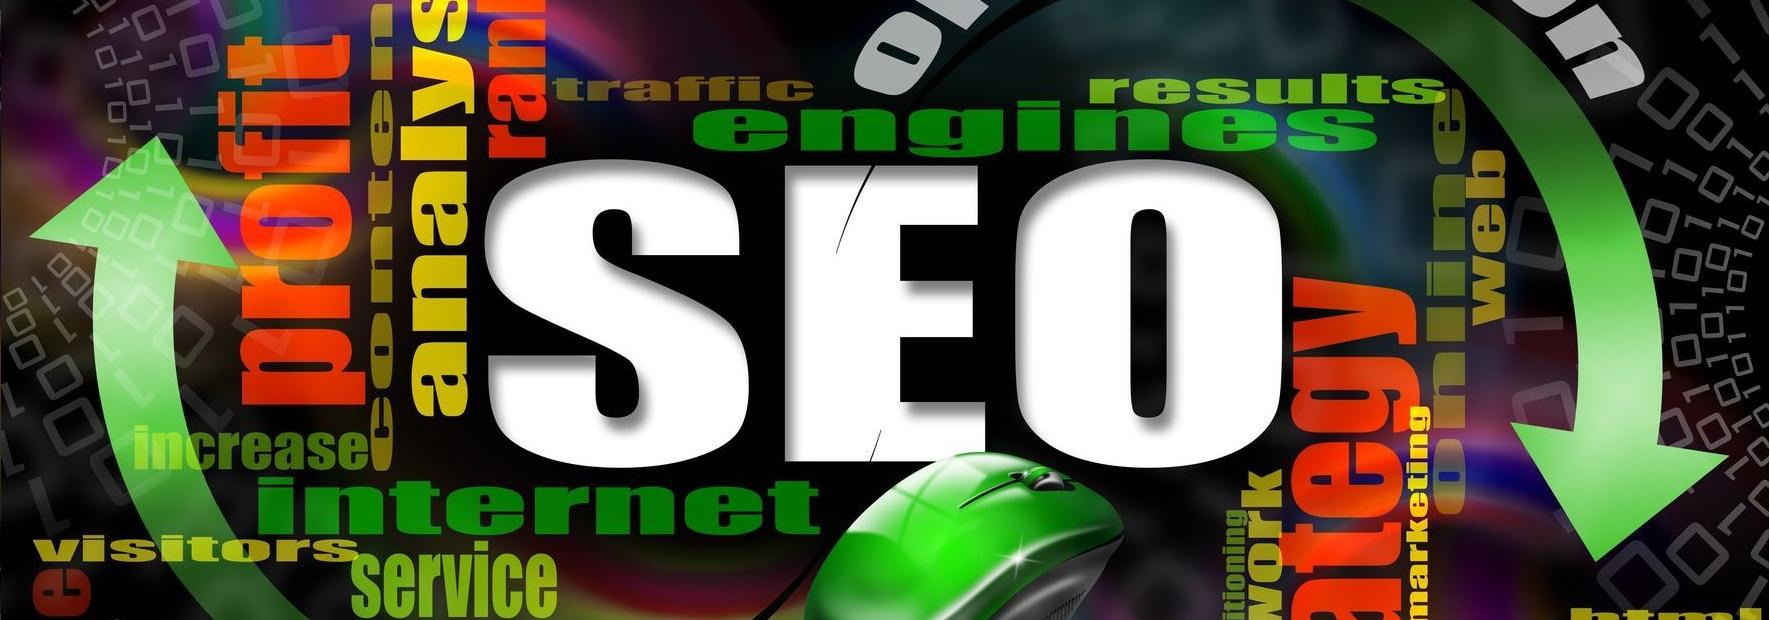 検索結果で上位に表示されないと集客には繋がりません。 GoogleやYahoo!などに対してSEO対策を施します。